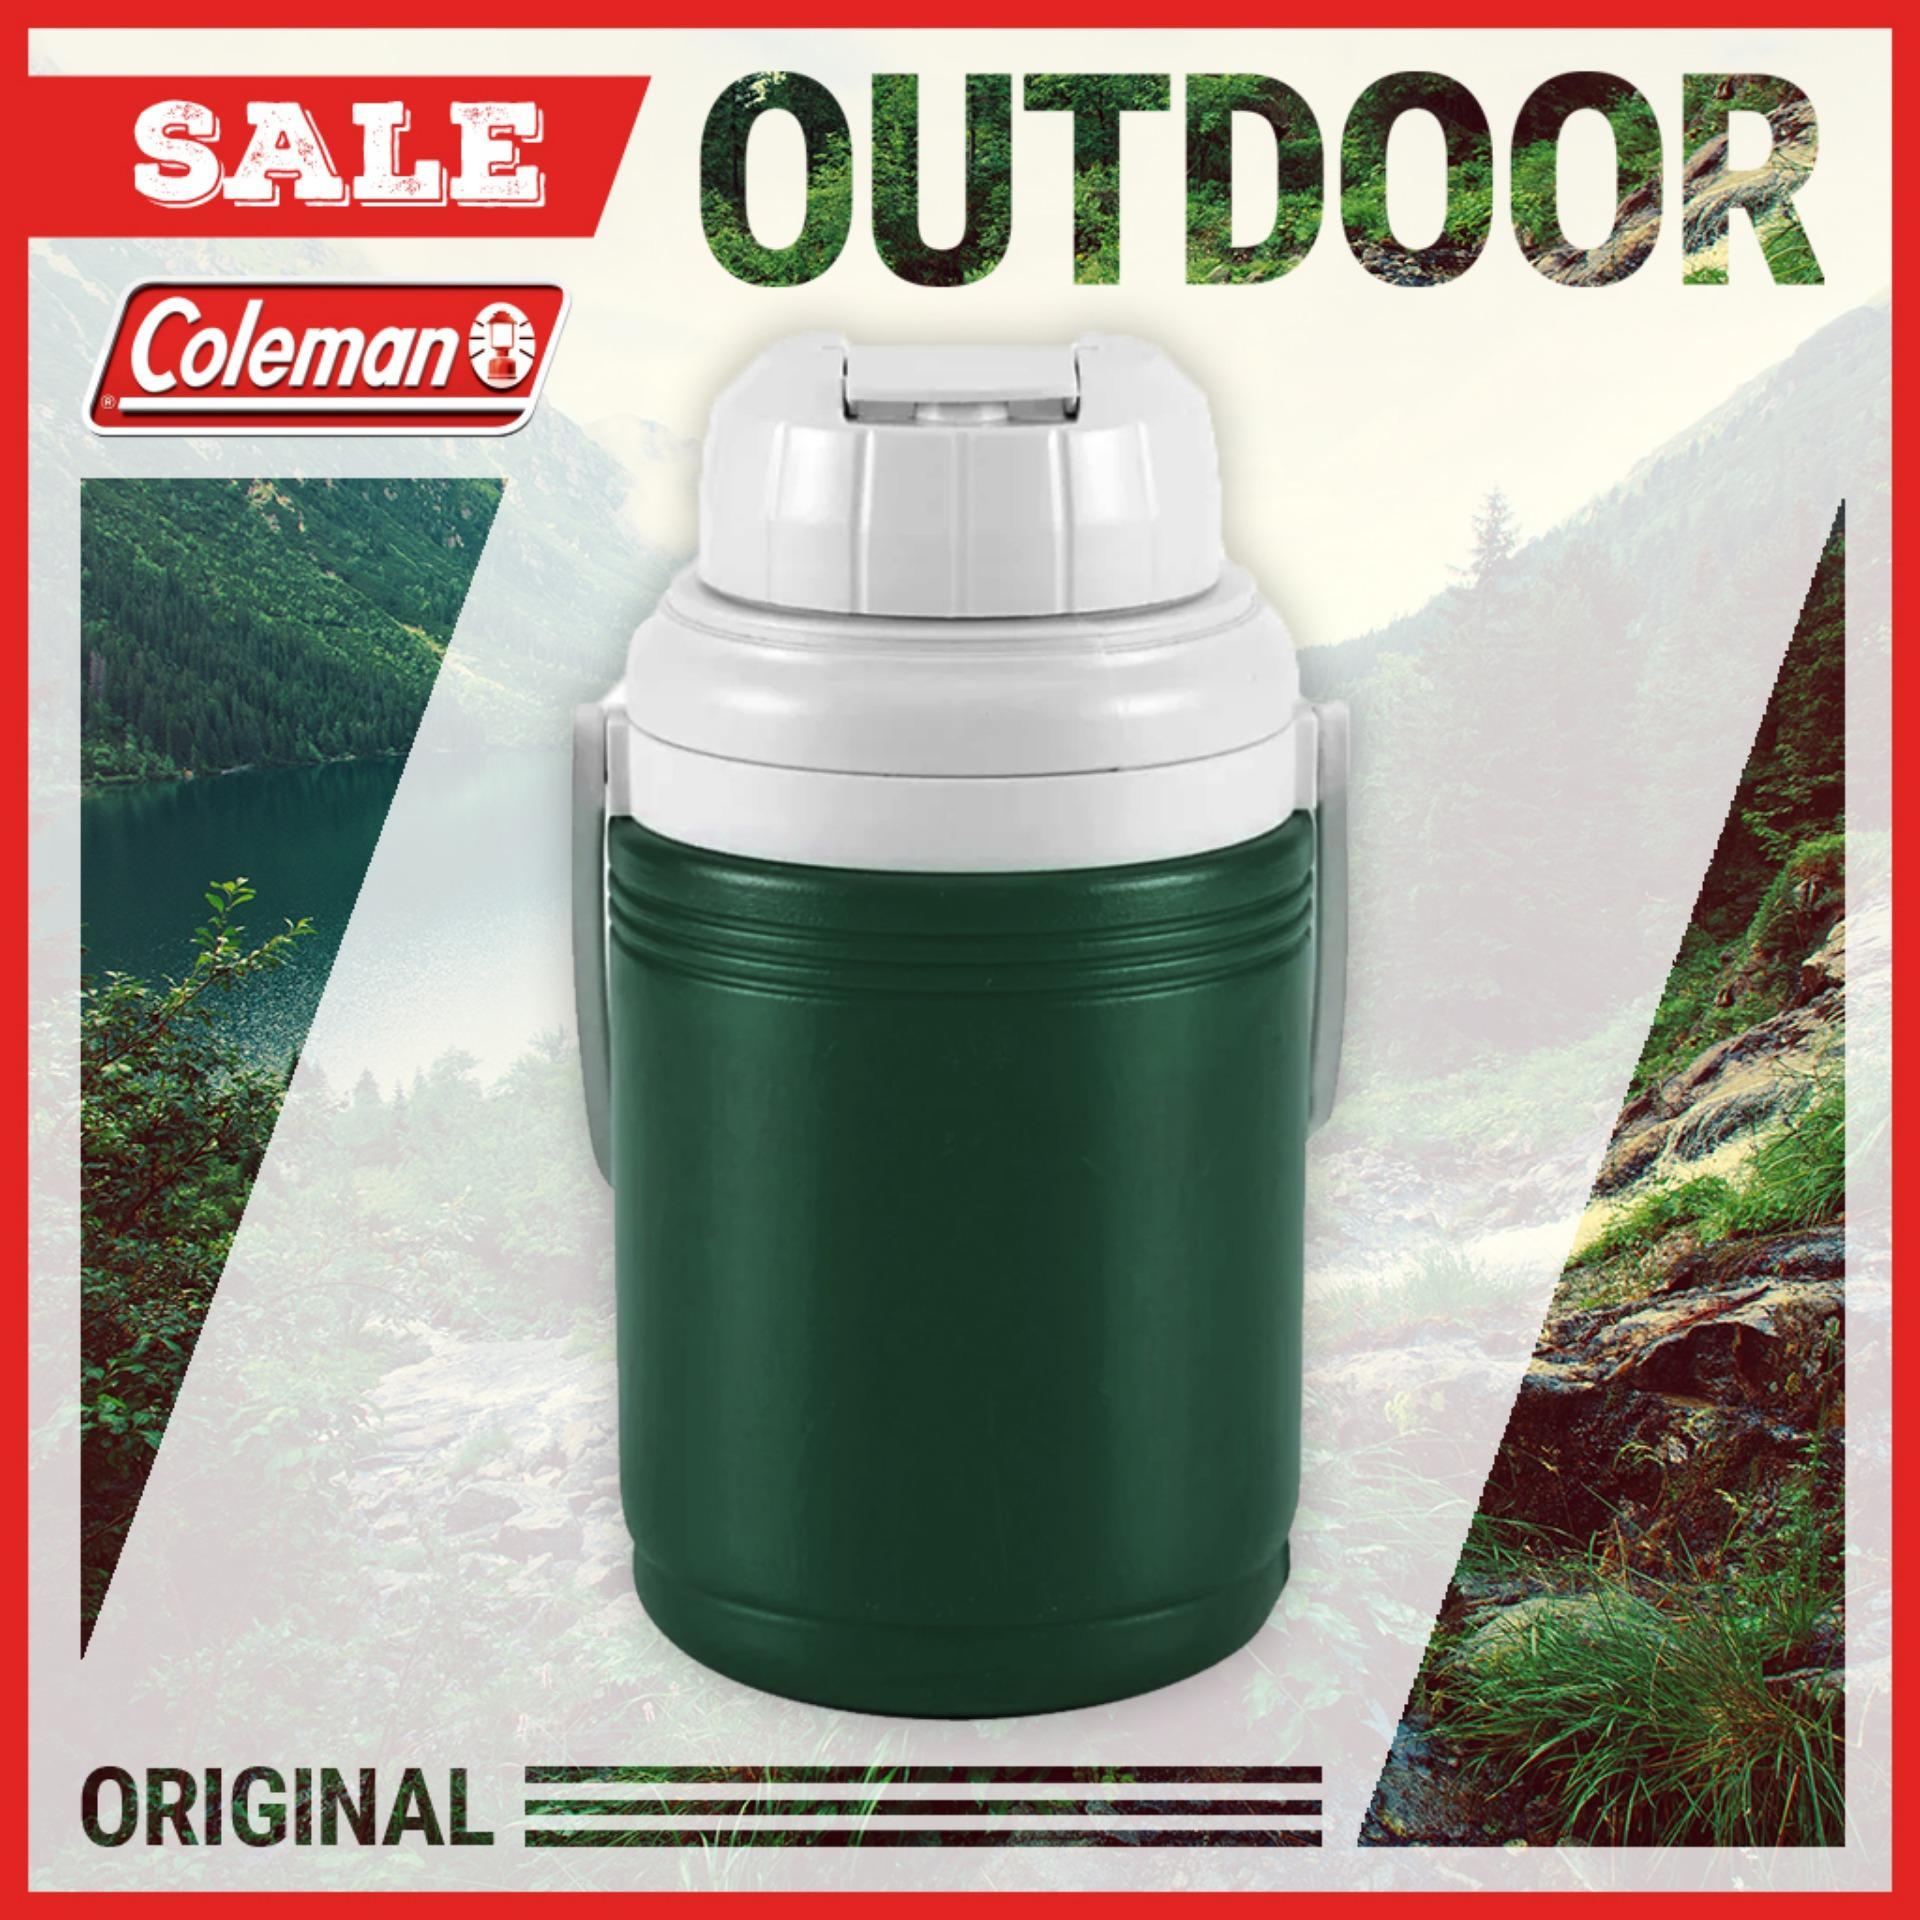 Bình giữ lạnh Coleman 1.2L (Xanh lá) 3000001492 - Hàng Phân Phối Chính Thức